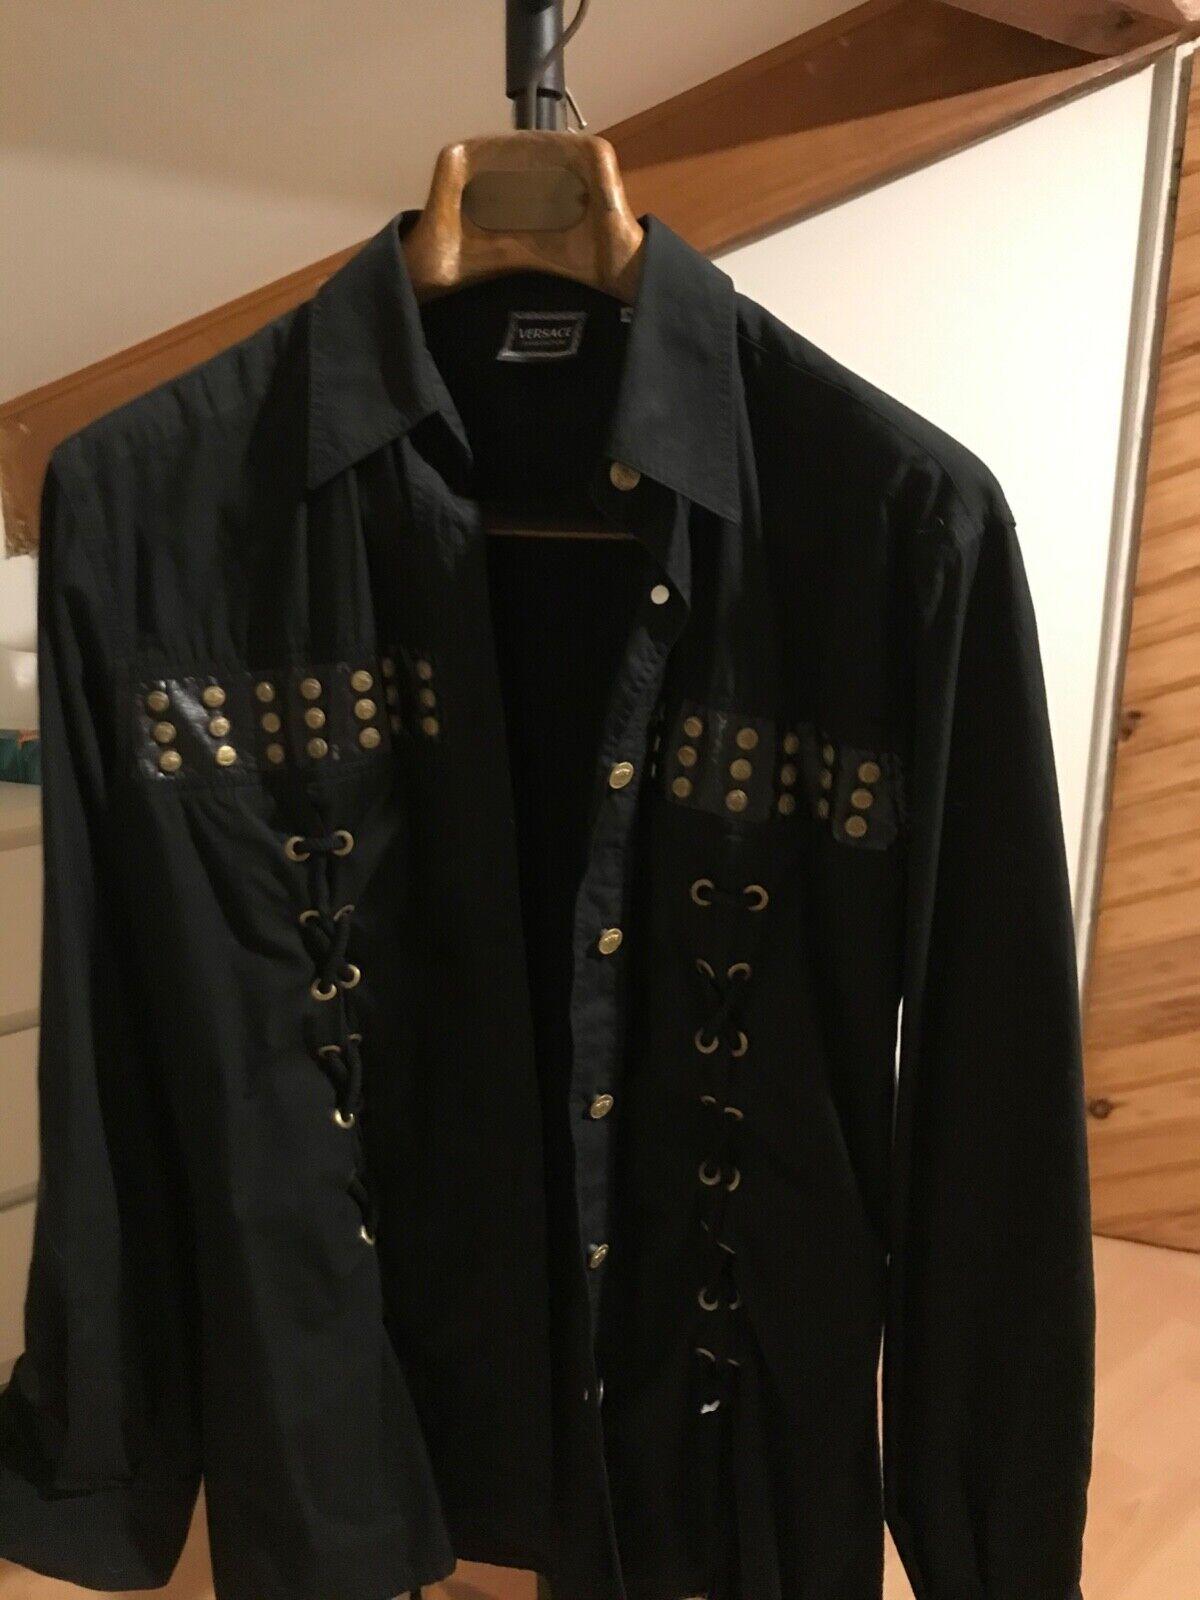 Chemise femme noire  taille m manche longue versace jeans couture clous/laçage